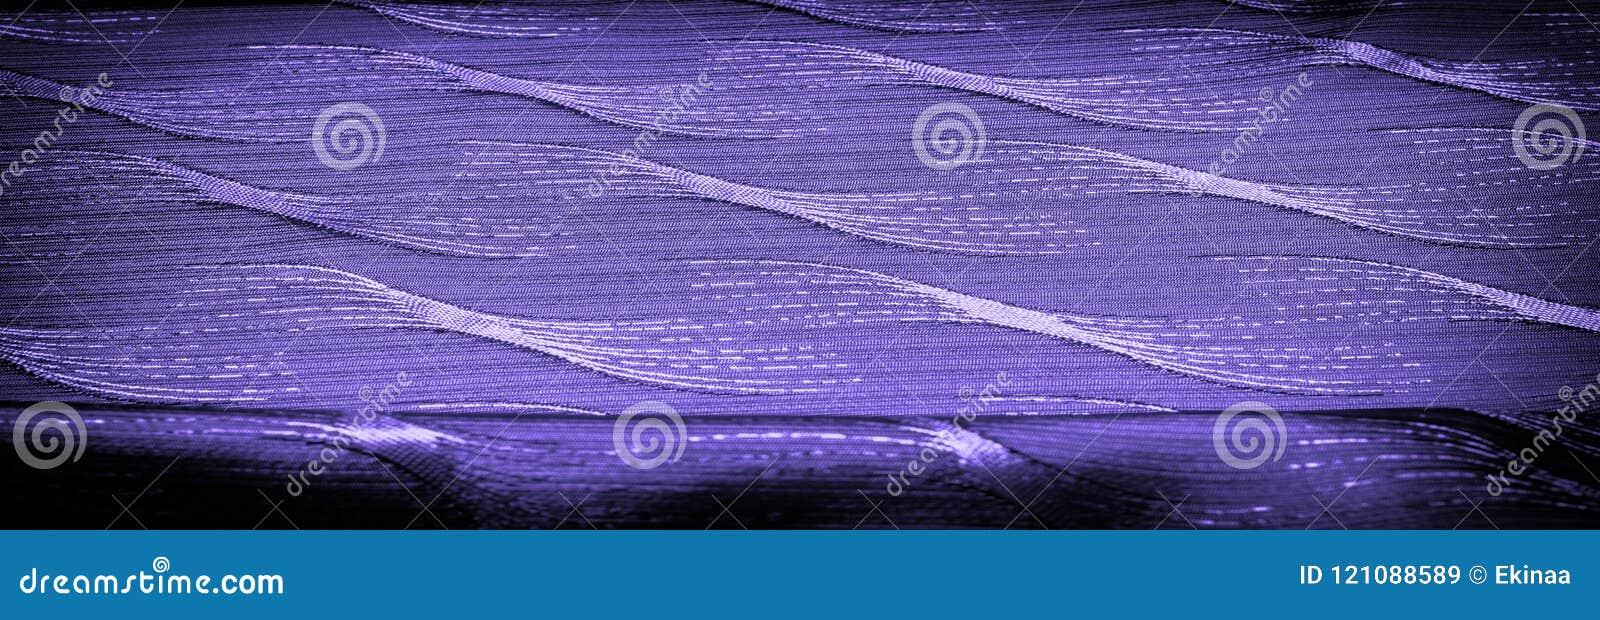 Σύσταση, υπόβαθρο, σχέδιο μπλε χρώμα υφασμάτων μεταξιού Διακοσμήστε yo